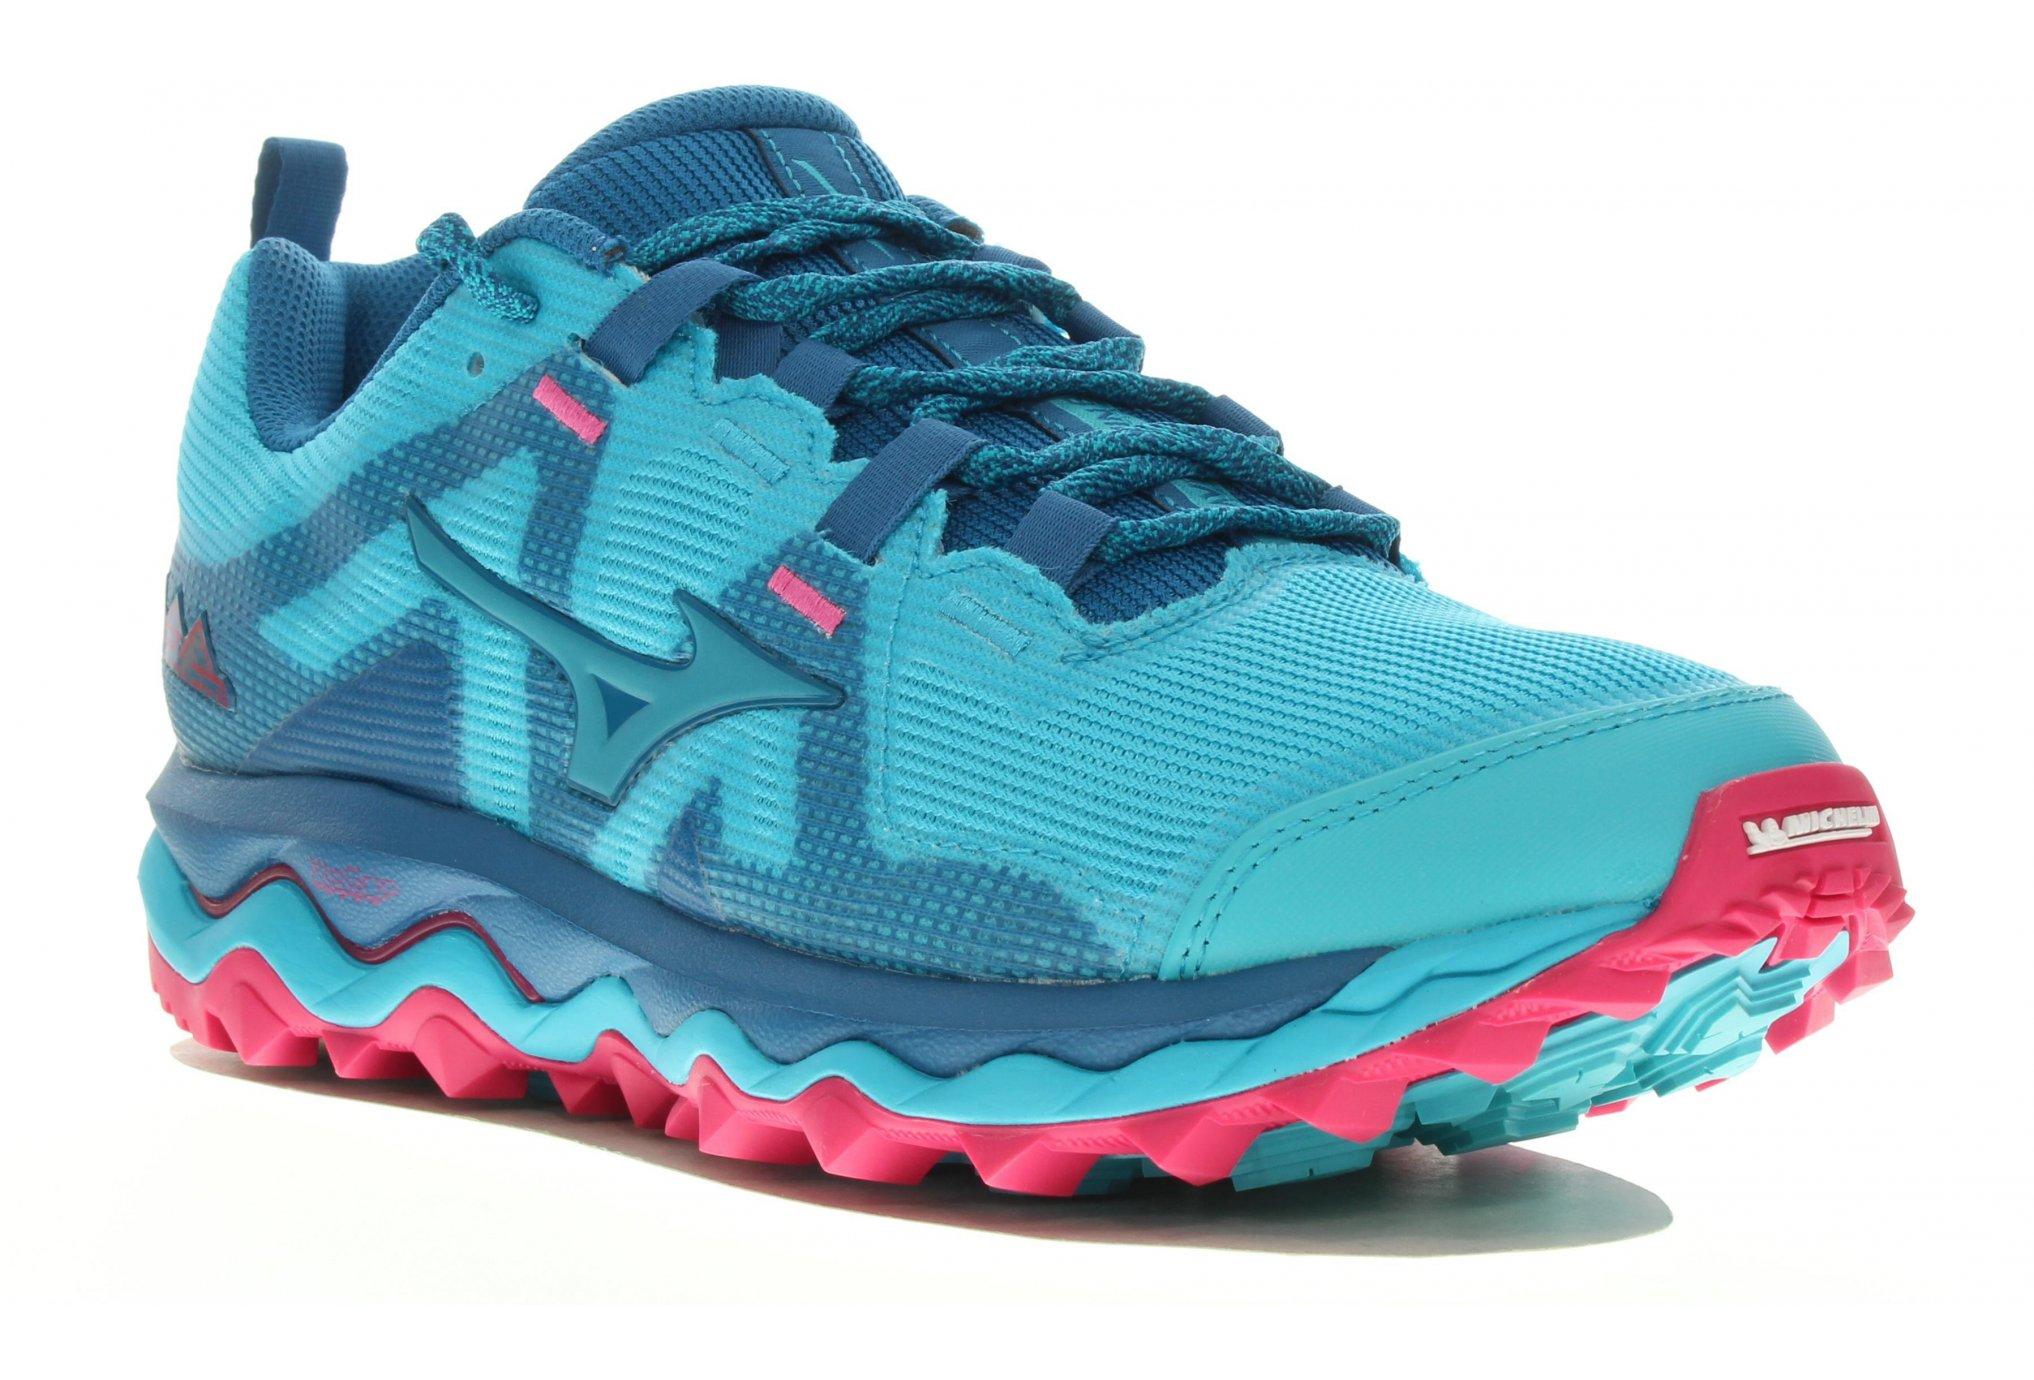 Mizuno Wave Mujin 6 W Chaussures running femme